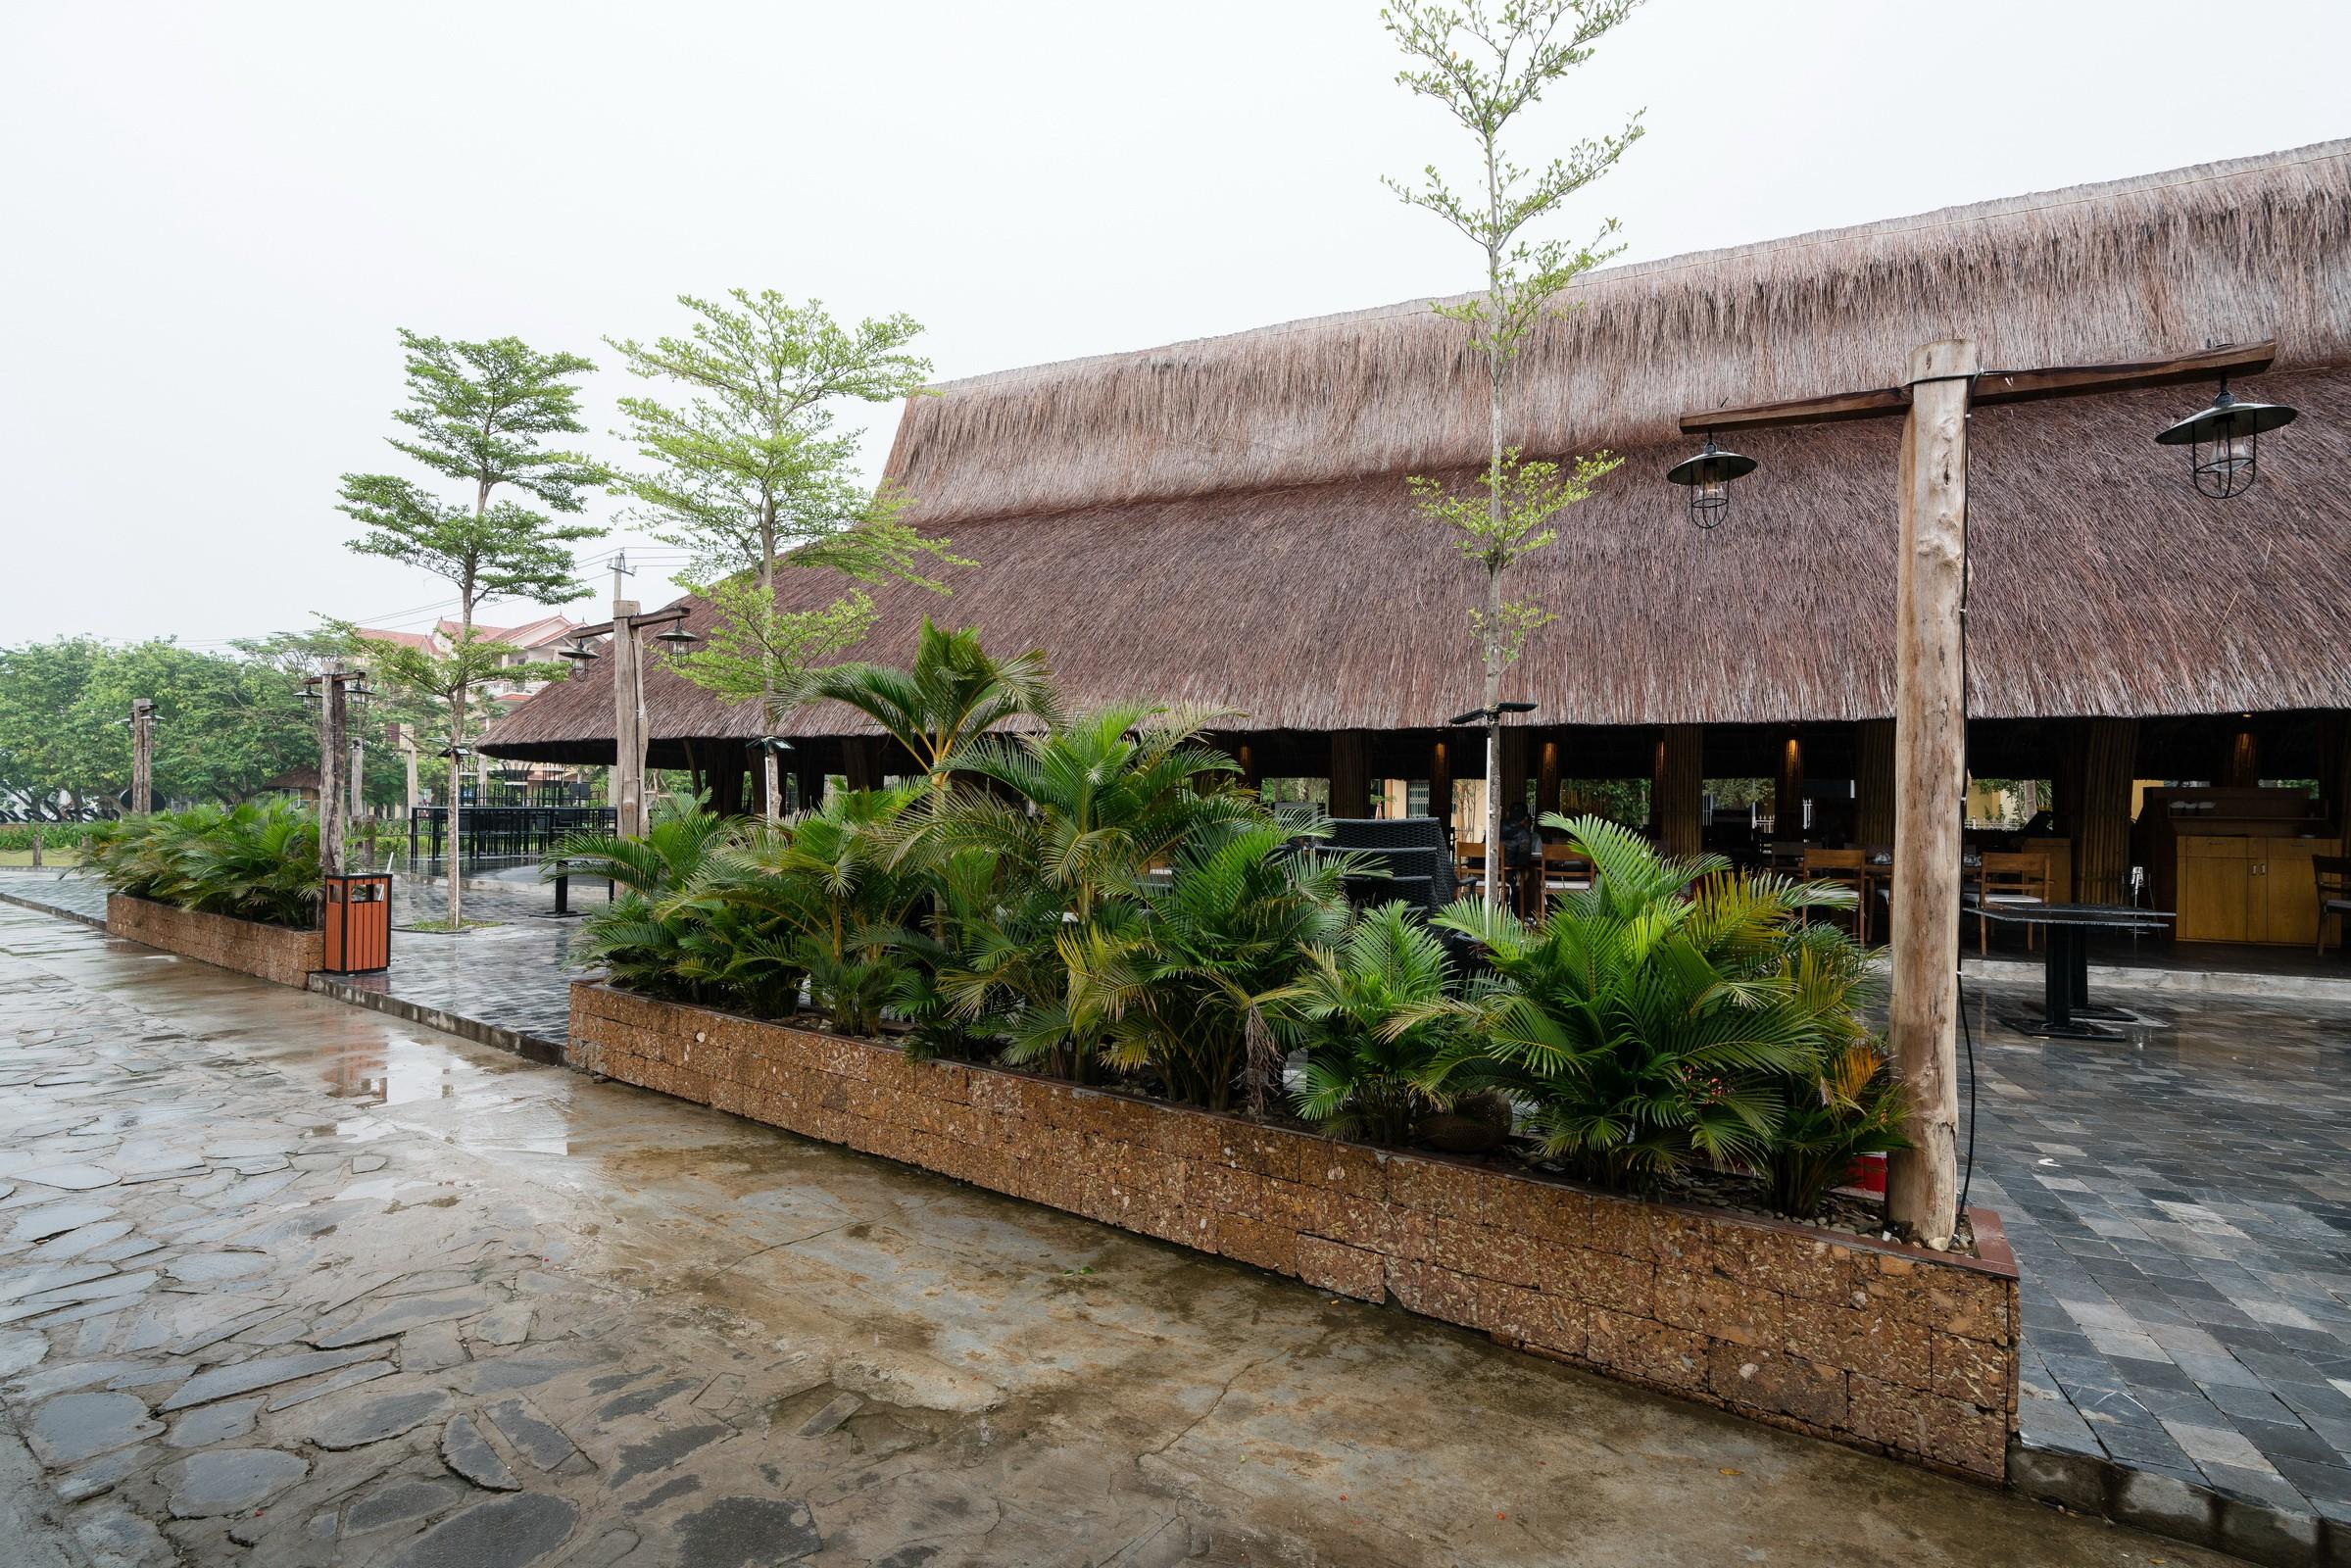 mau quan cafe cay xanh dep hinh that 6 Mẫu thiết kế quán cafe sân vườn đẹp giúp kinh doanh sinh lời giữ chân khách hàng trung thành